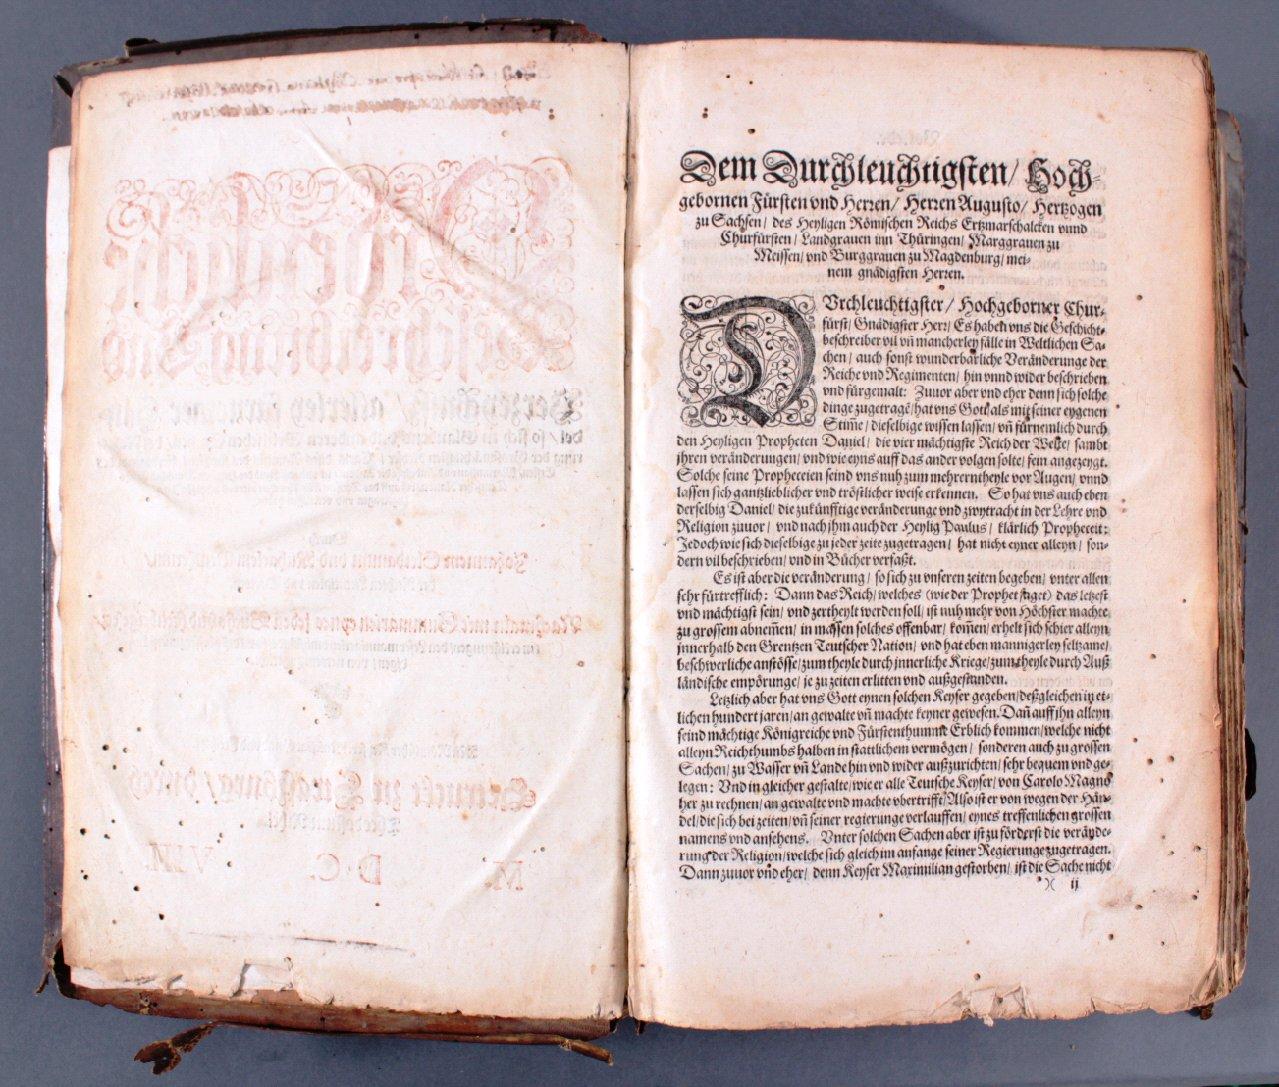 Antiquarisches Buch, Johannes Sleidanus 1608-2